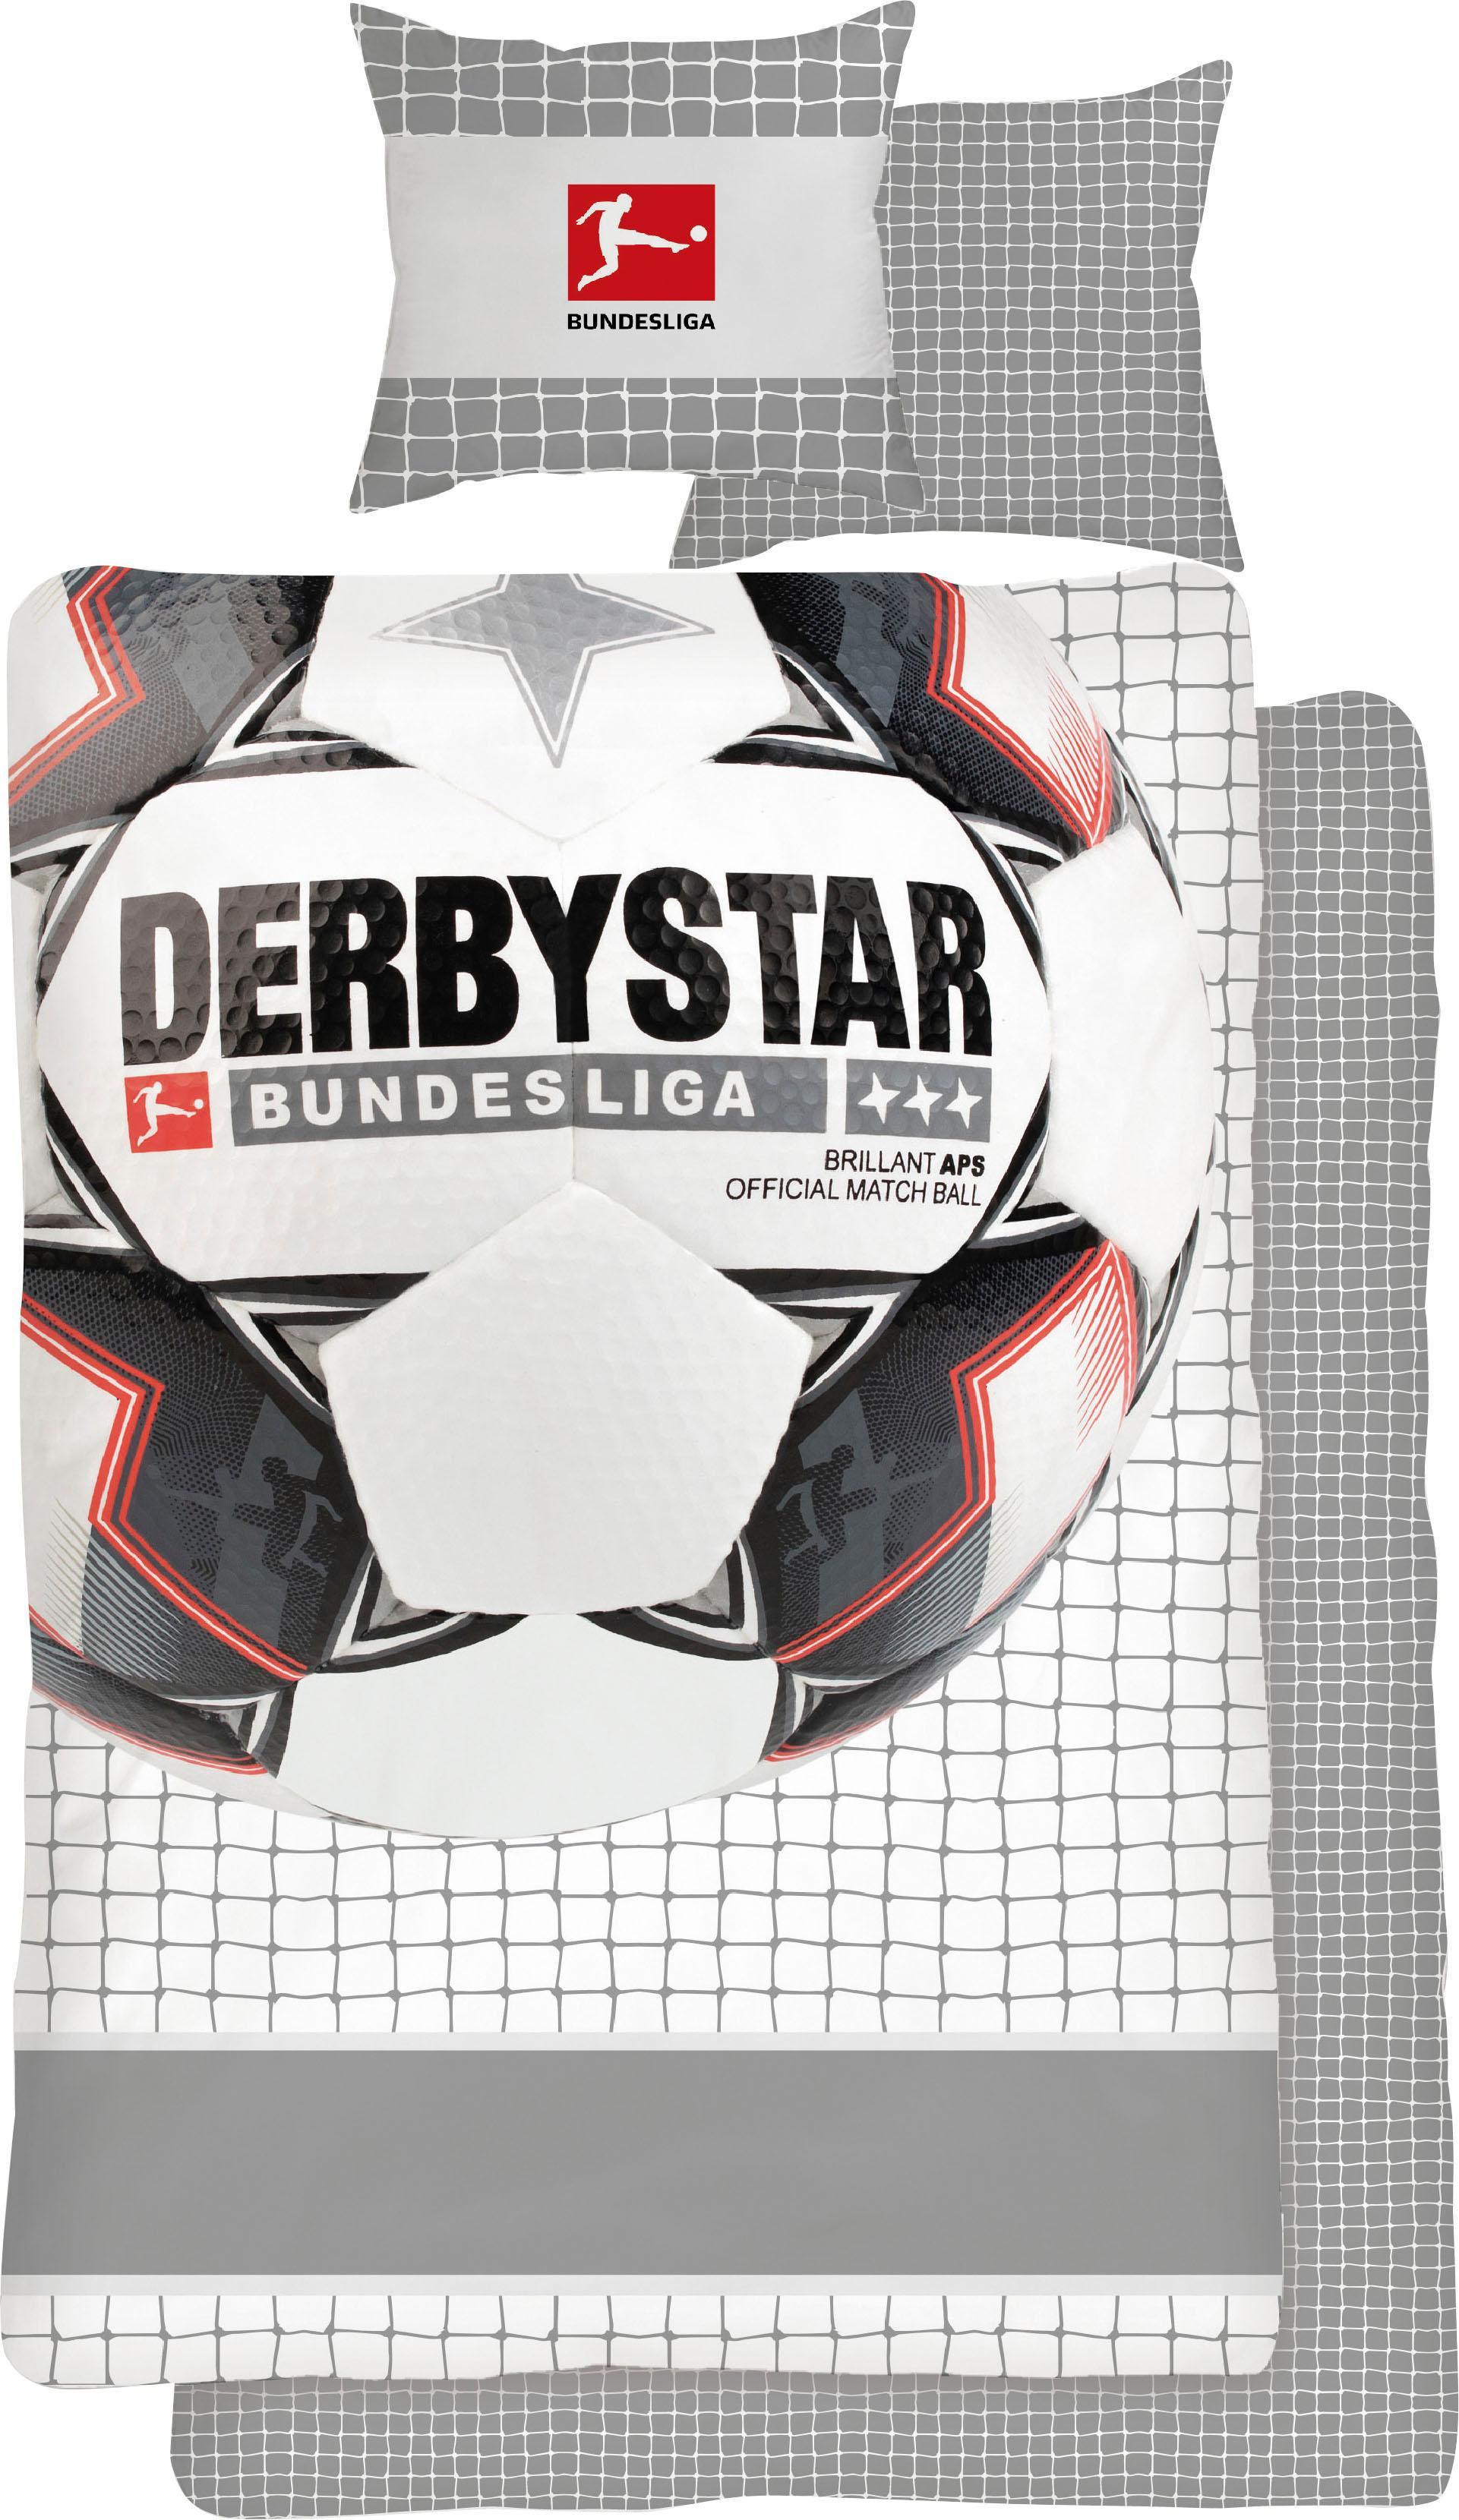 Jugendbettwäsche Derby Star, weiß